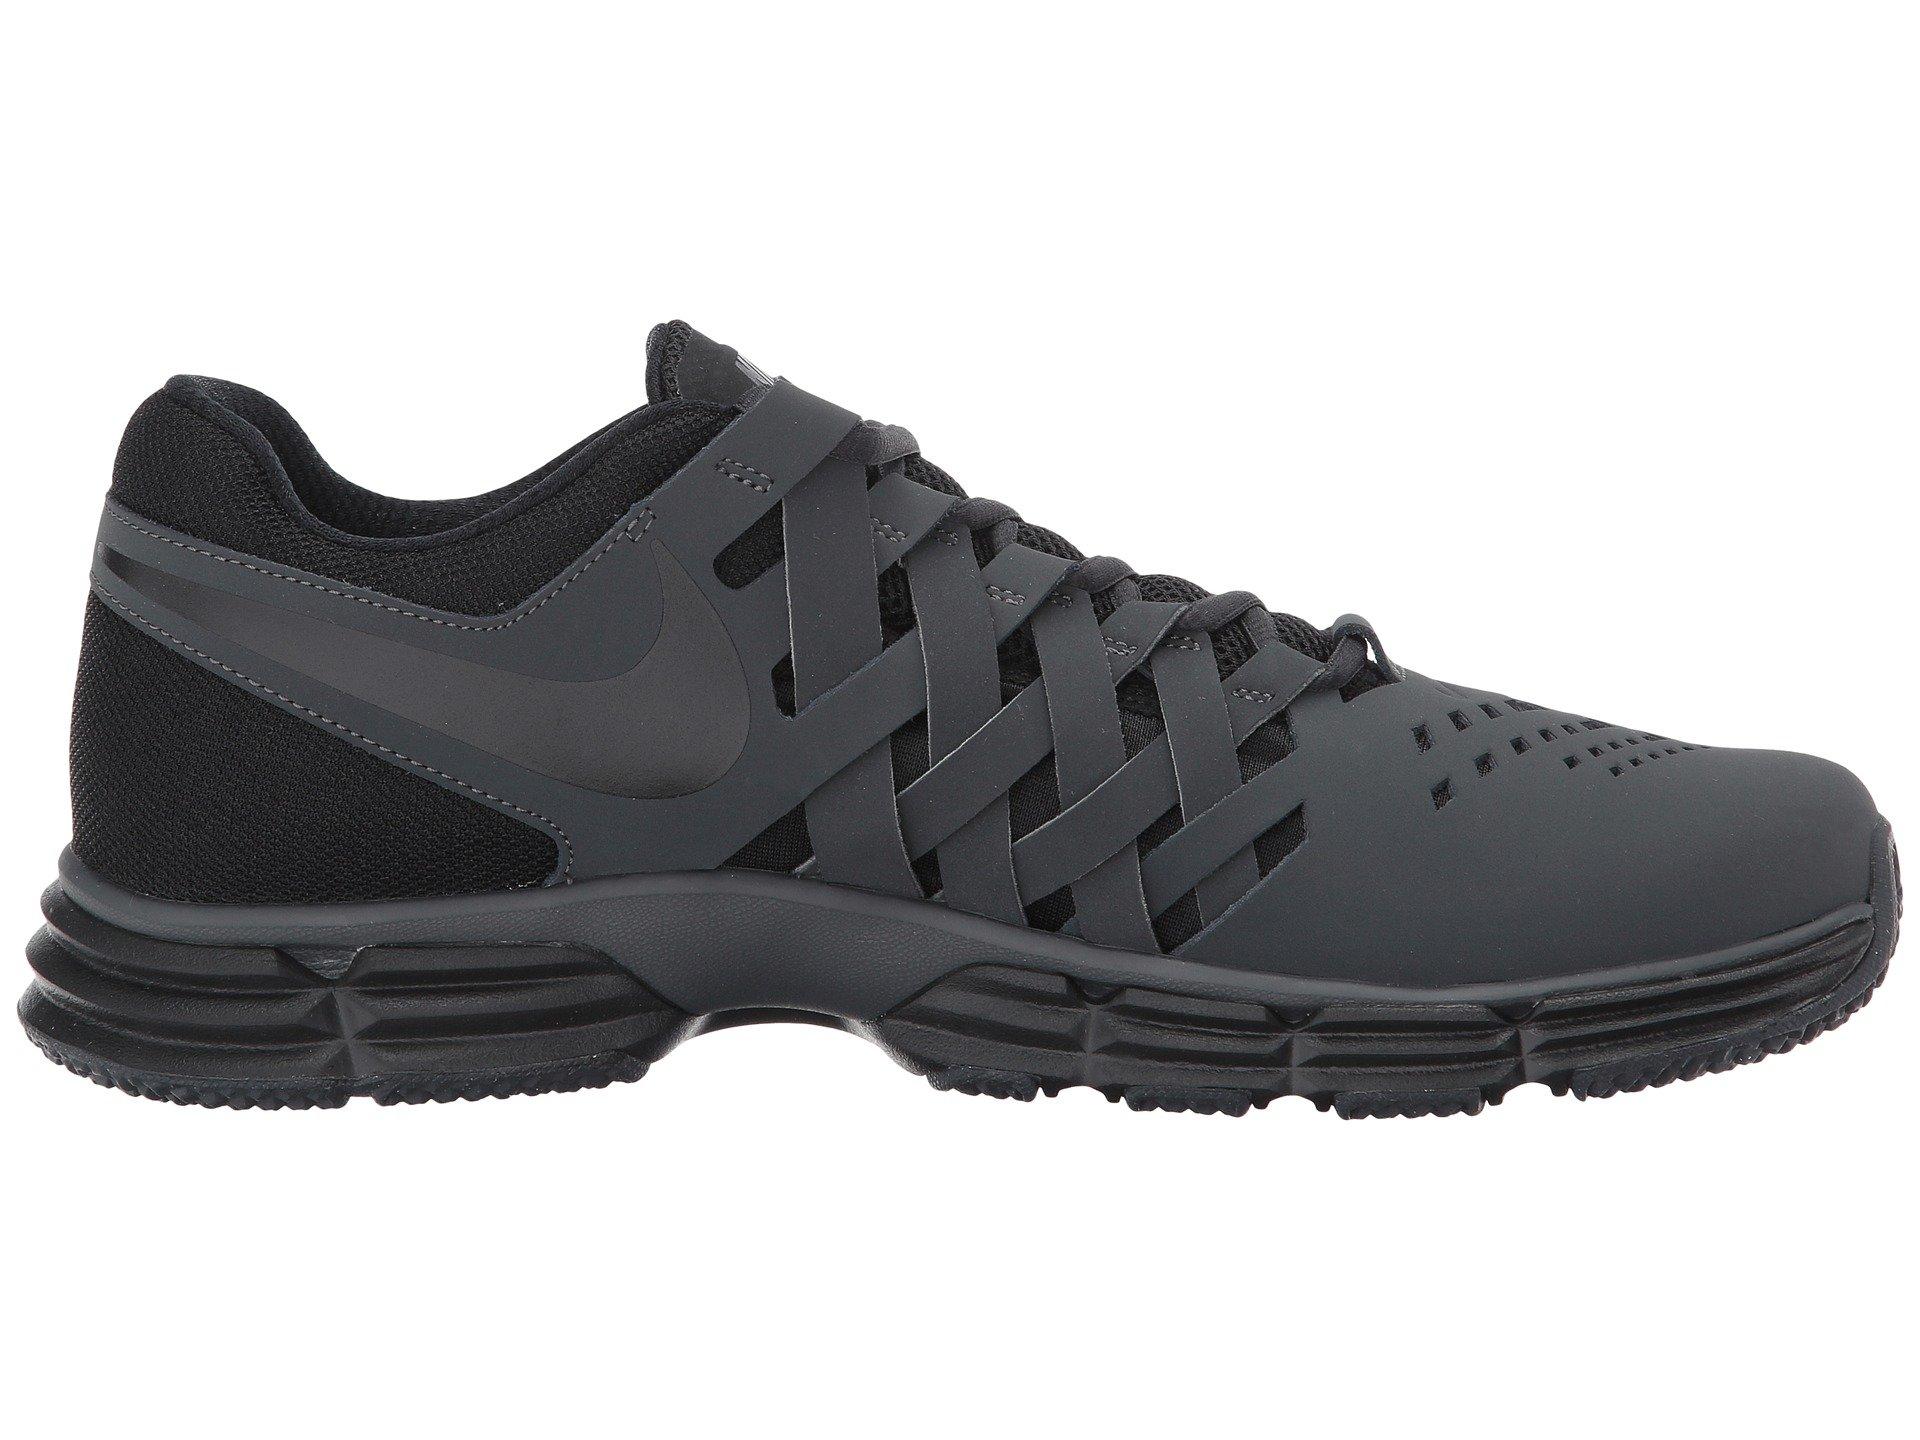 ... free navy Nike Fingertrap Max Mens Training Shoe - Game RoyalWhite  larger image ...